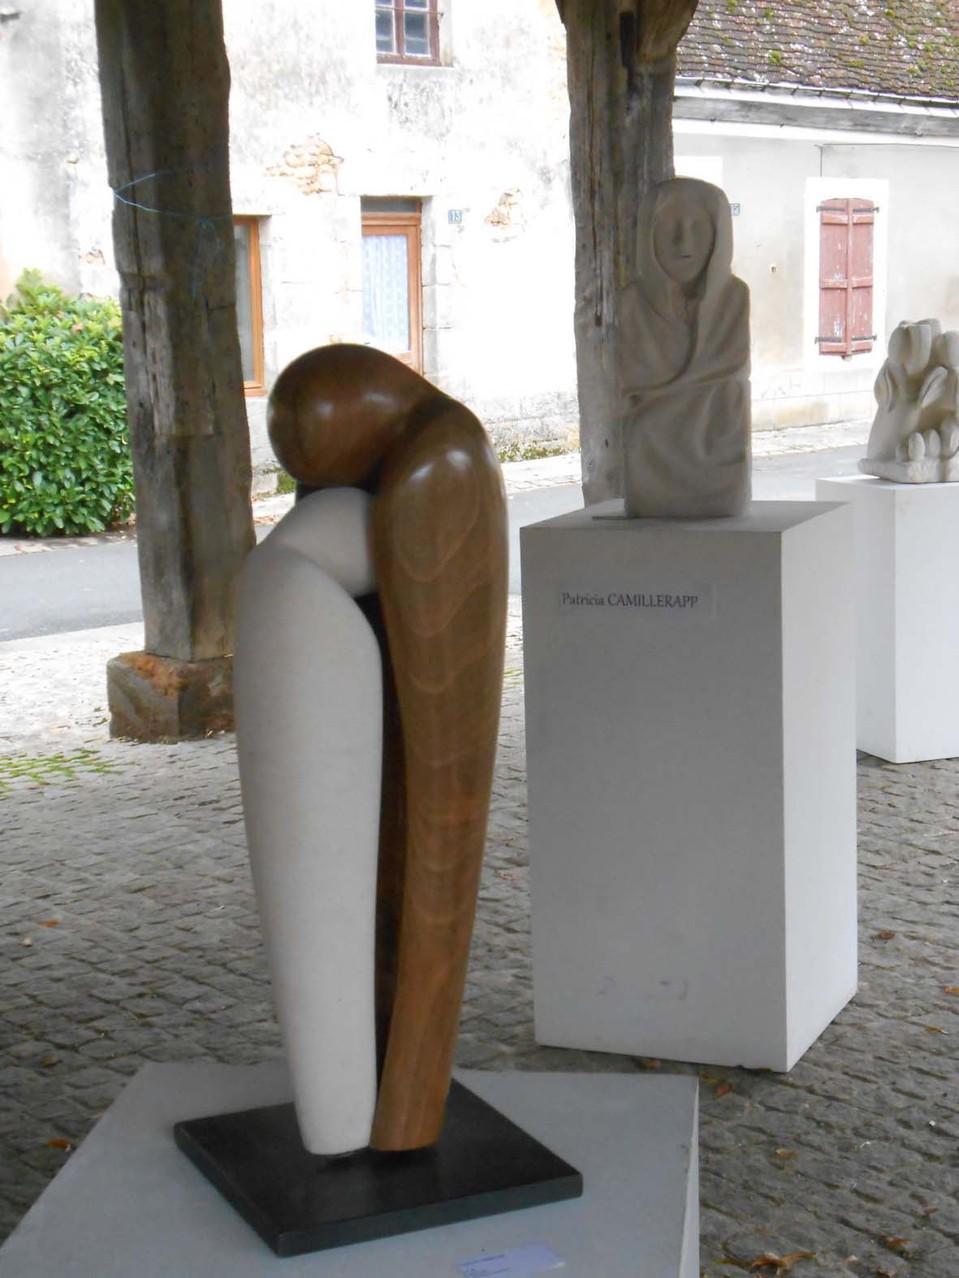 Patricia Camillerapp et Christian Valette (prix de sculpture)